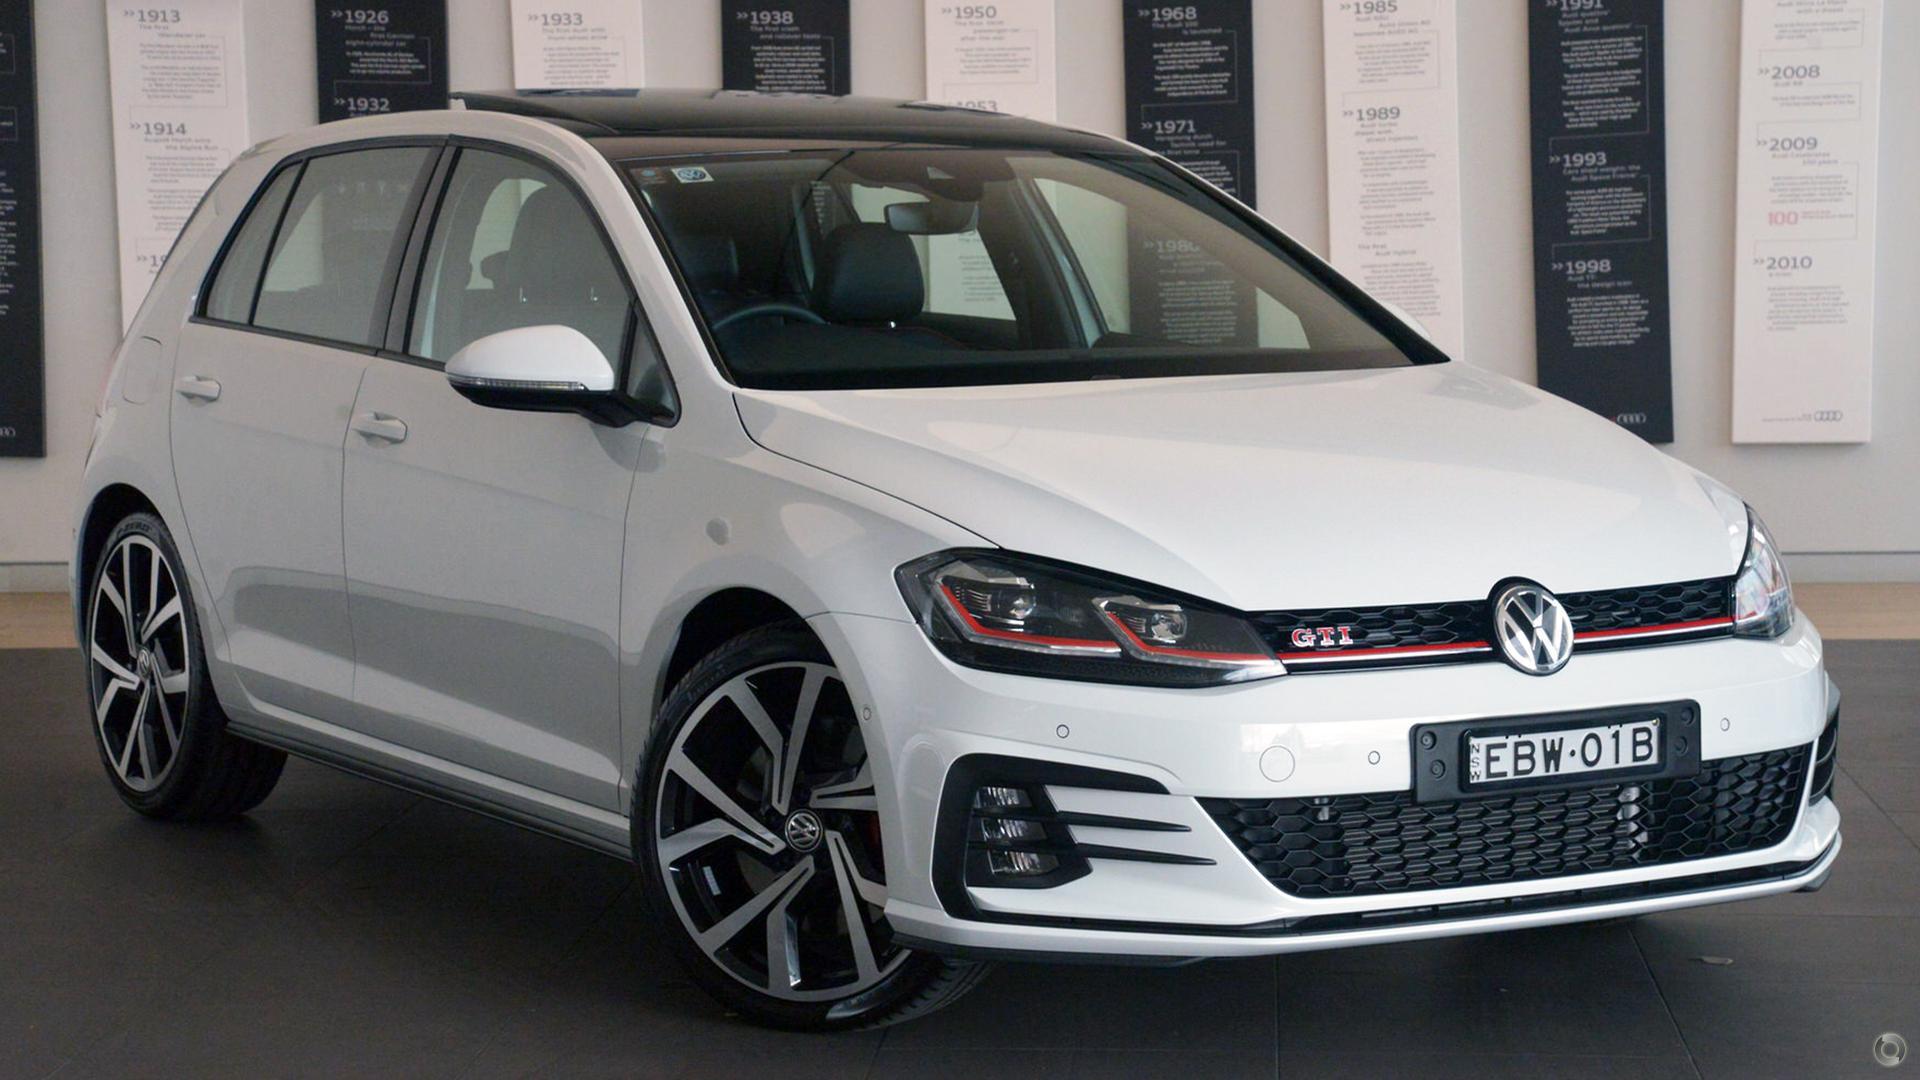 2019 Volkswagen Golf 7.5